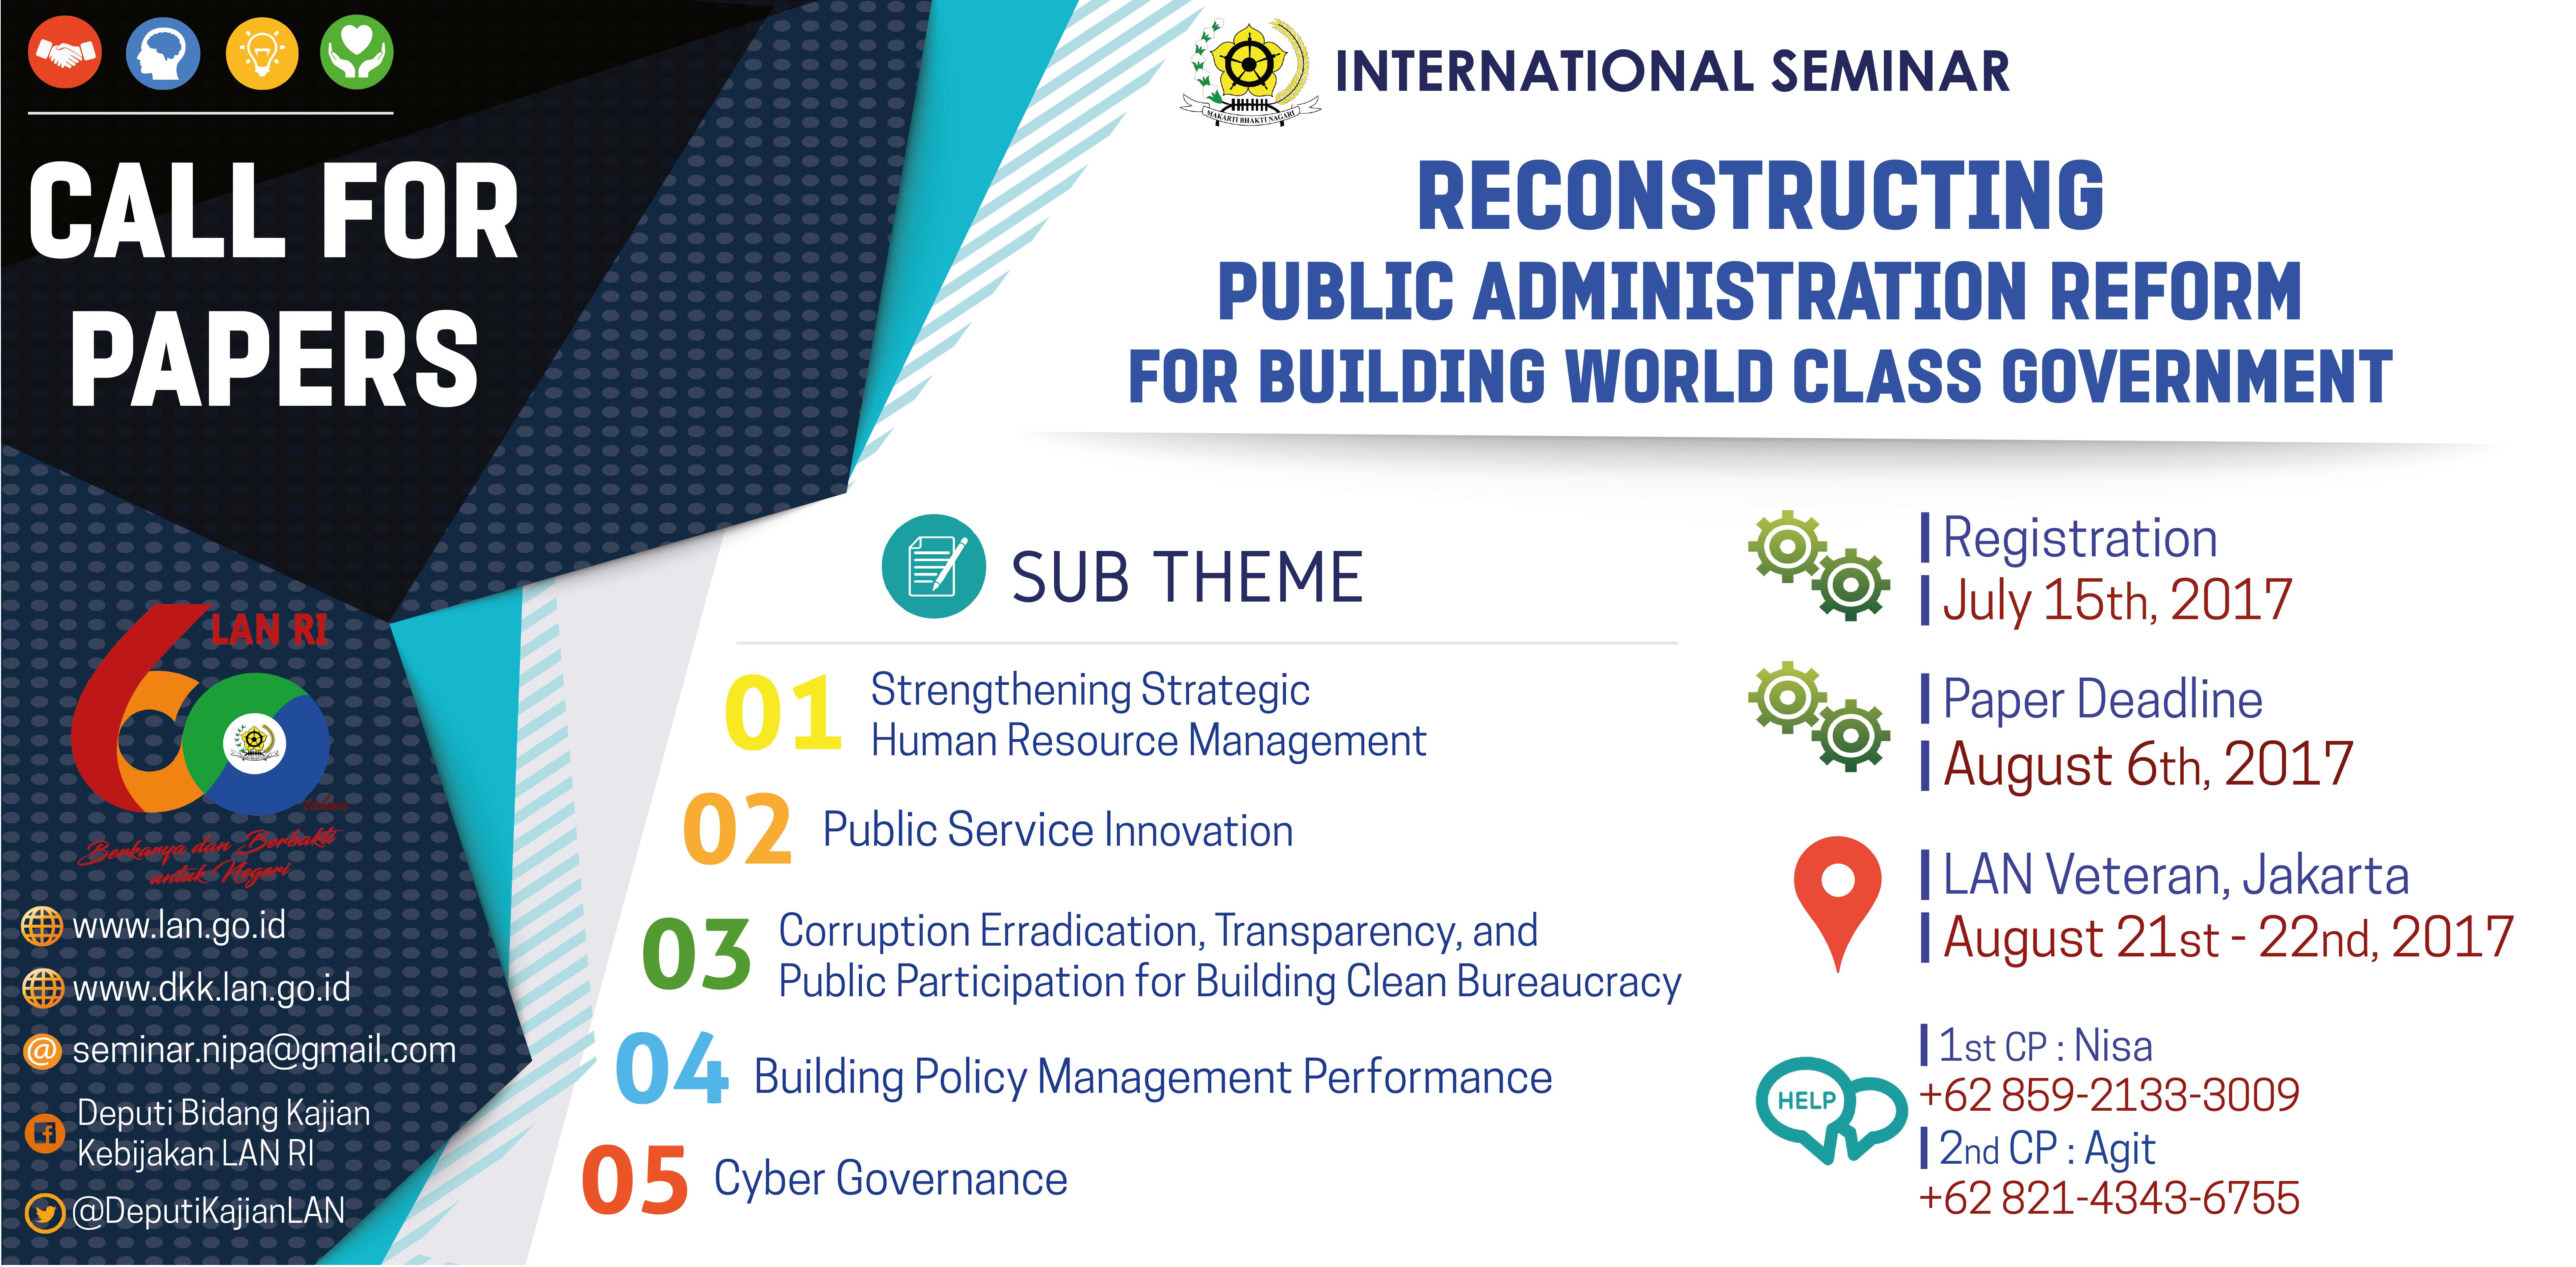 Seminar Internasional Rekonstruksi Reformasi Administrasi Negara untuk Membangun World Class Government oleh Lembaga Administrasi Negara